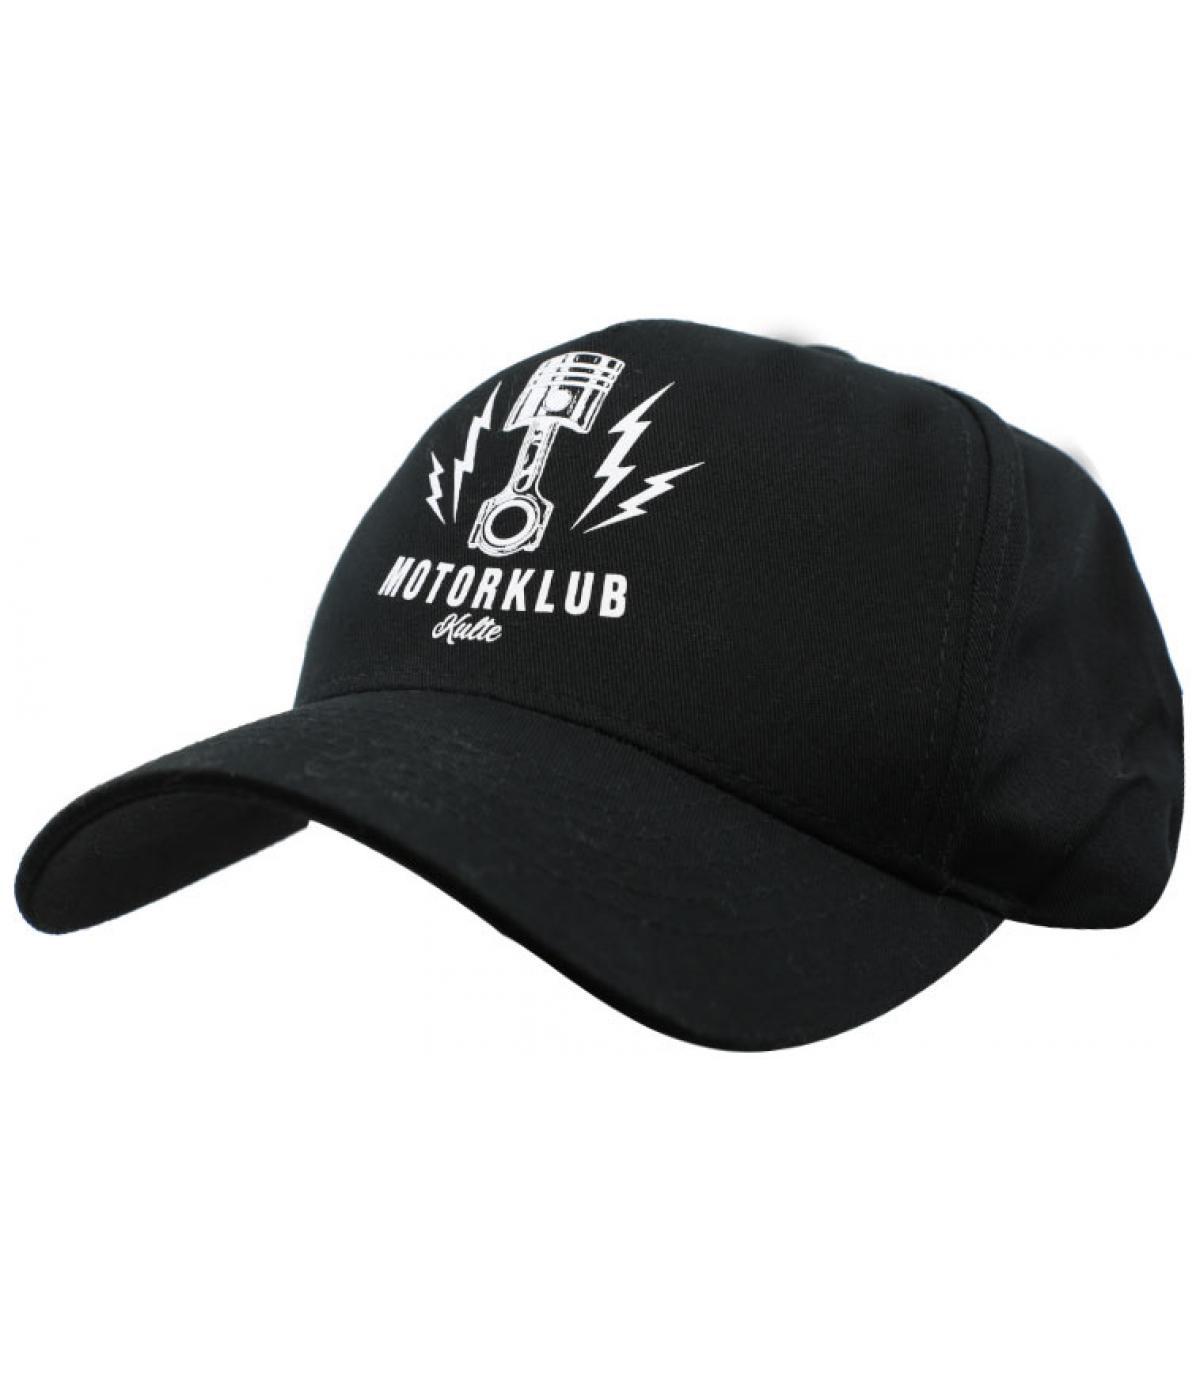 snapback Motorklub noir